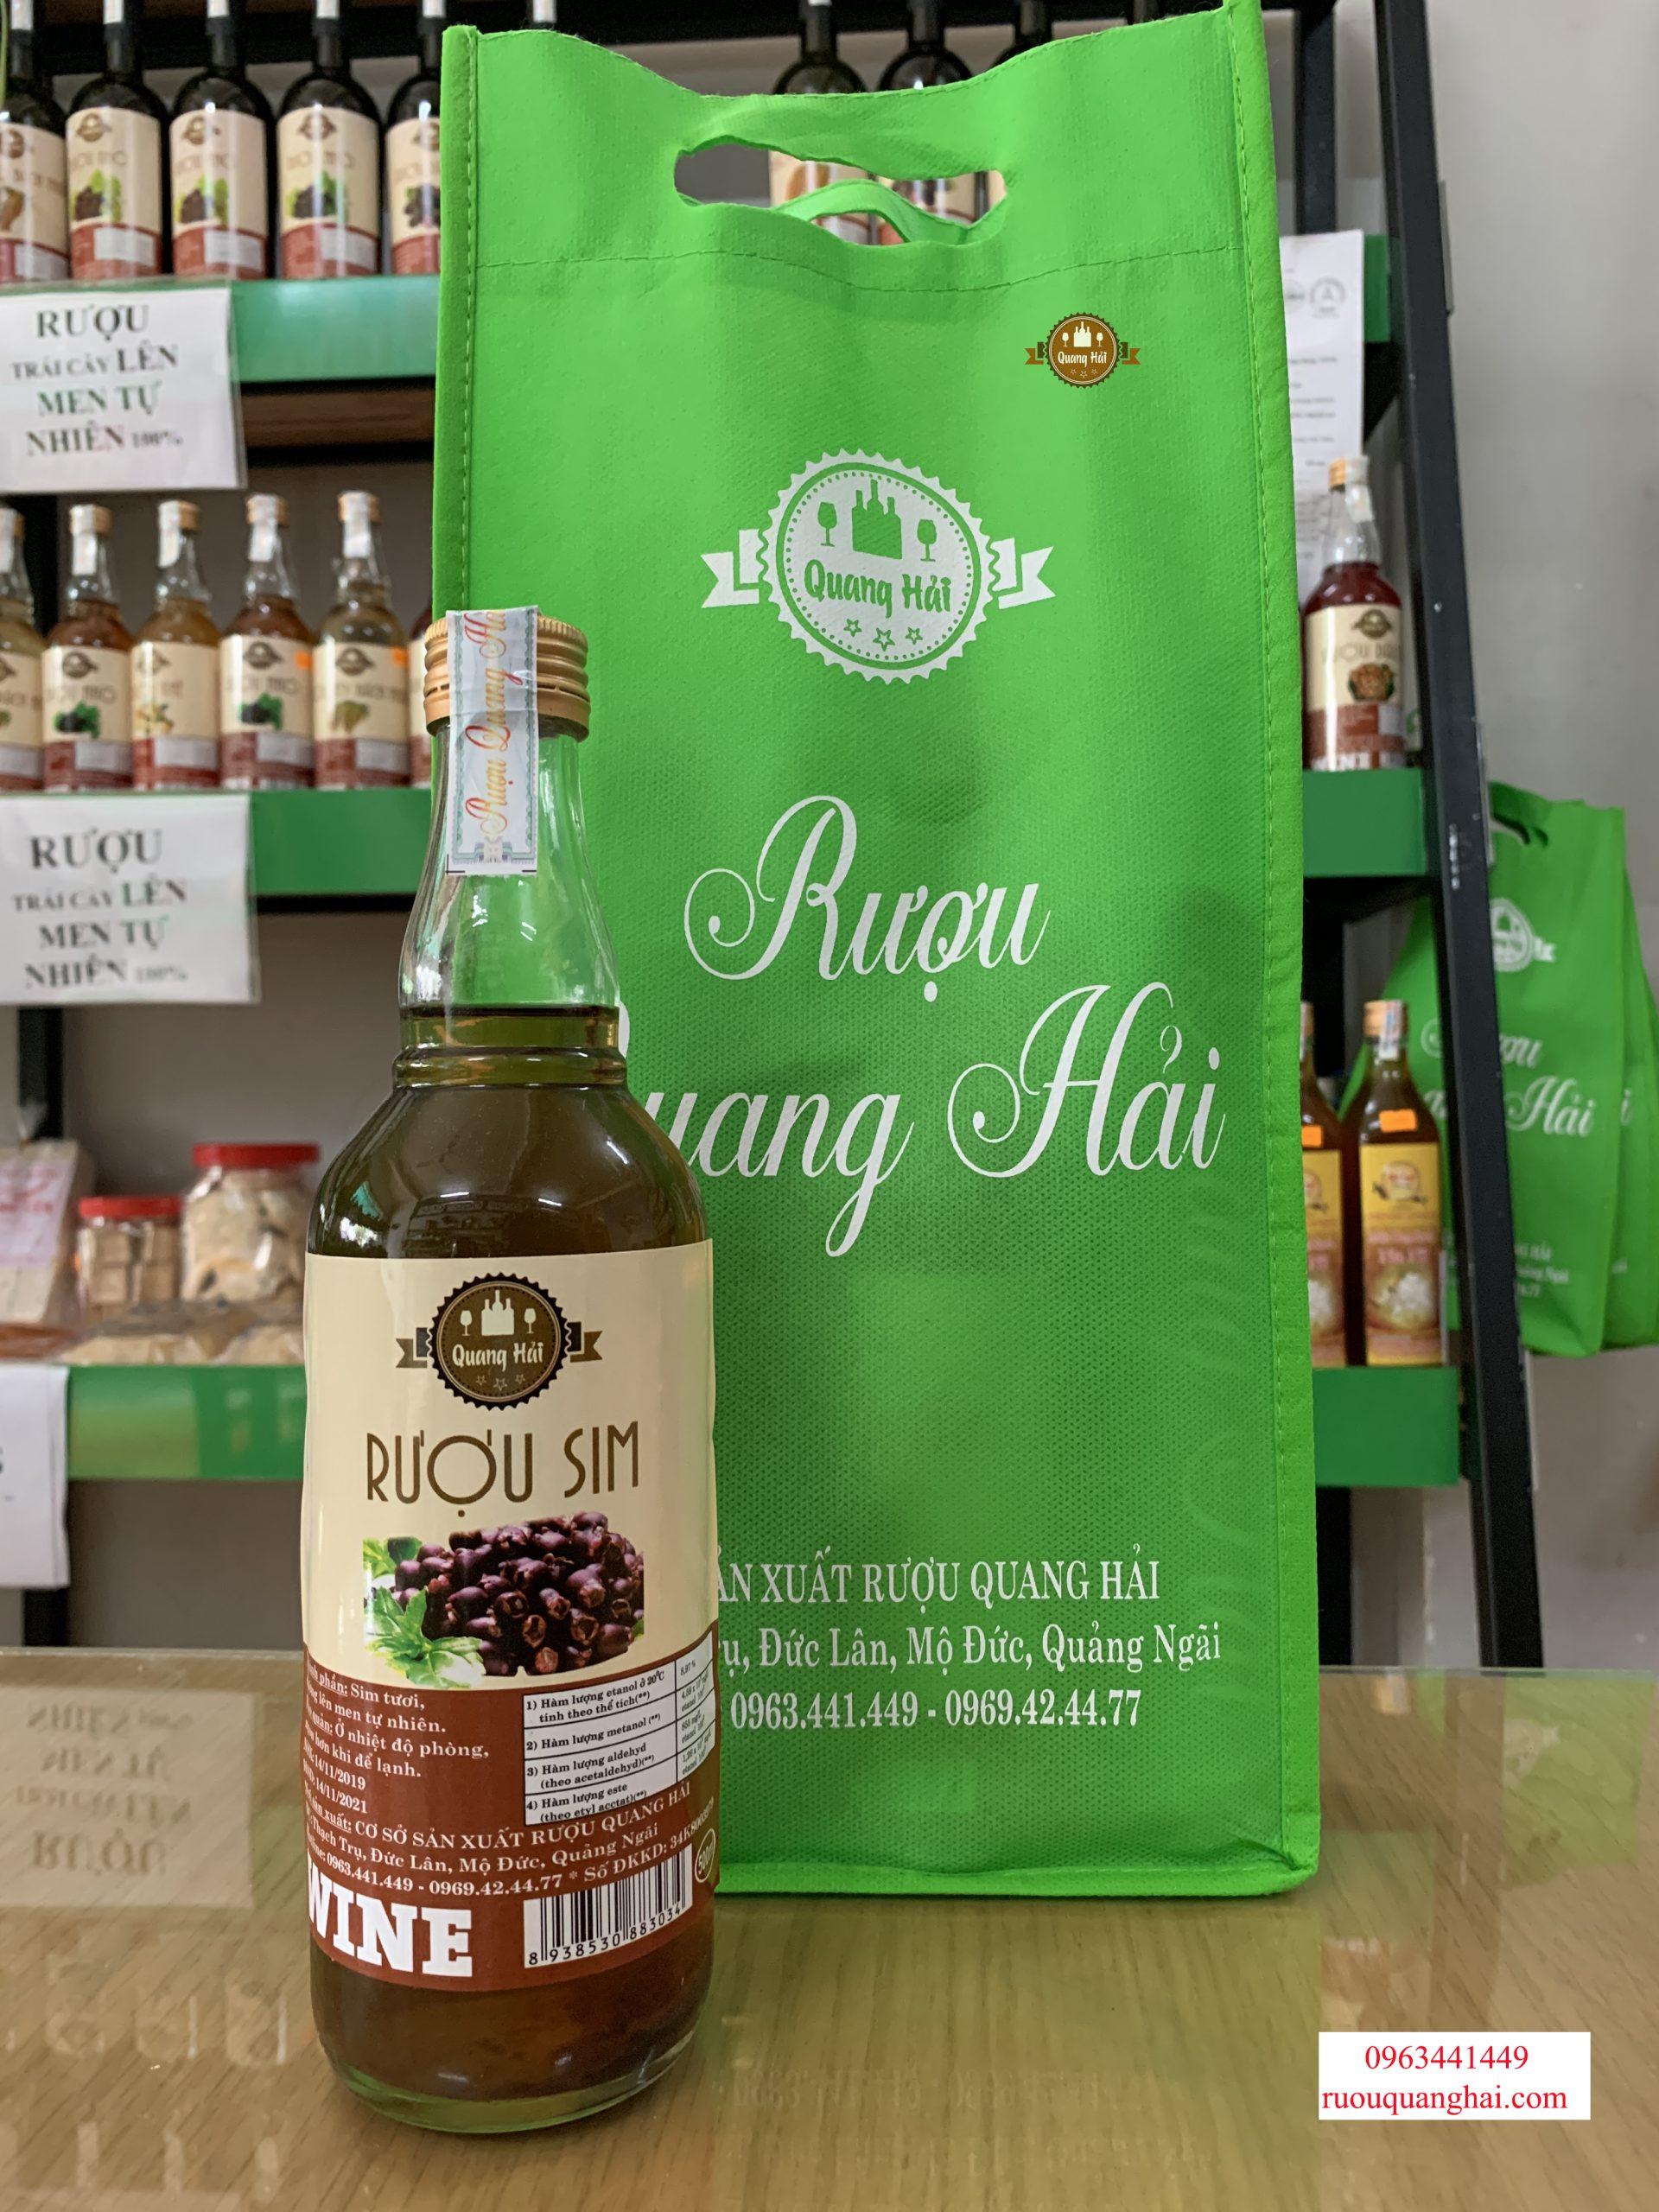 Rượu trái cây lên men tự nhiên sẽ có hạn sử dụng 2 năm kể từ ngày sản xuất